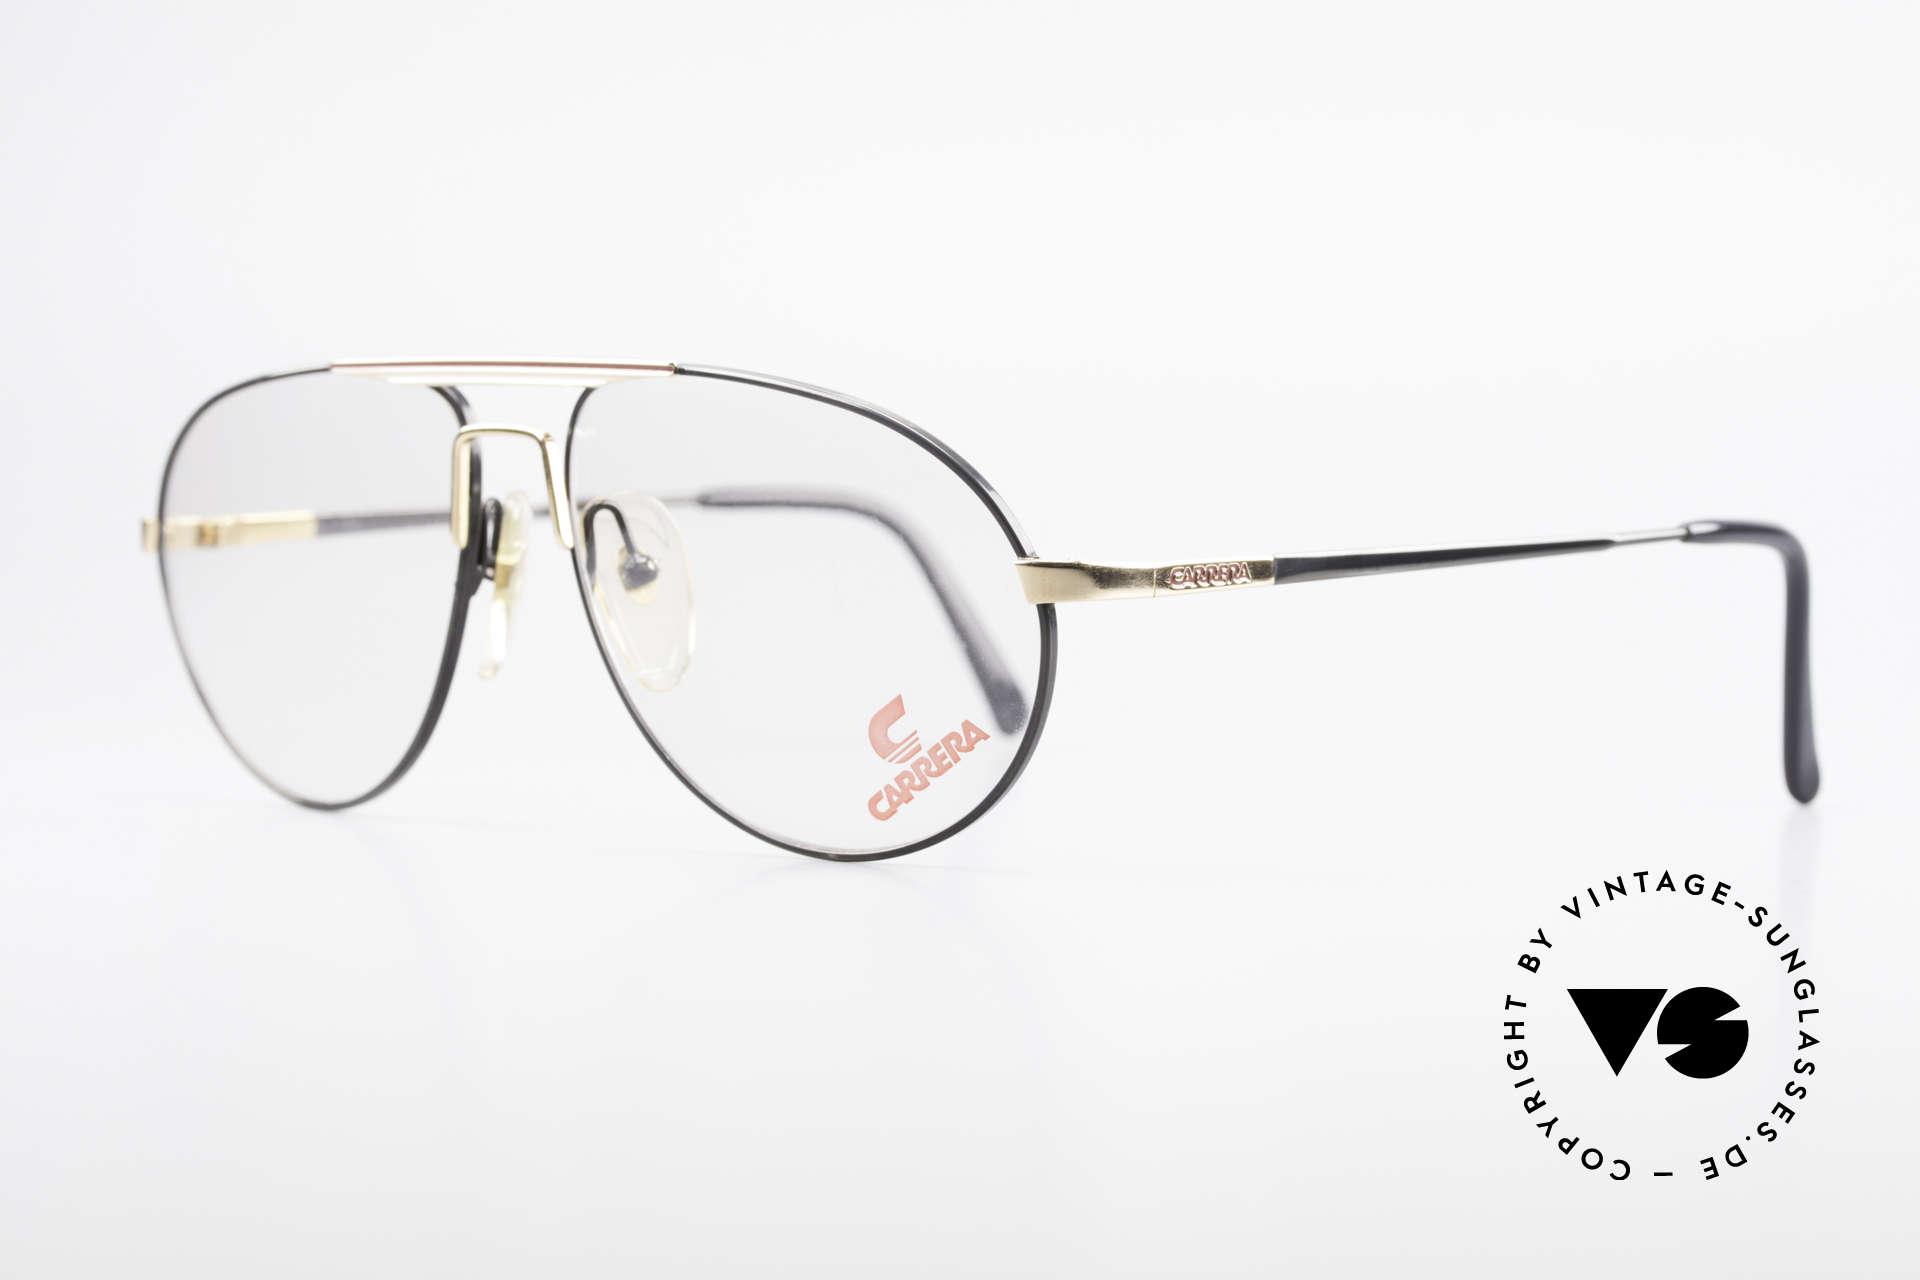 Carrera 5340 Vintage Aviator Brille No Retro, absolute Top-Qualität: damals 'made in Germany', Passend für Herren